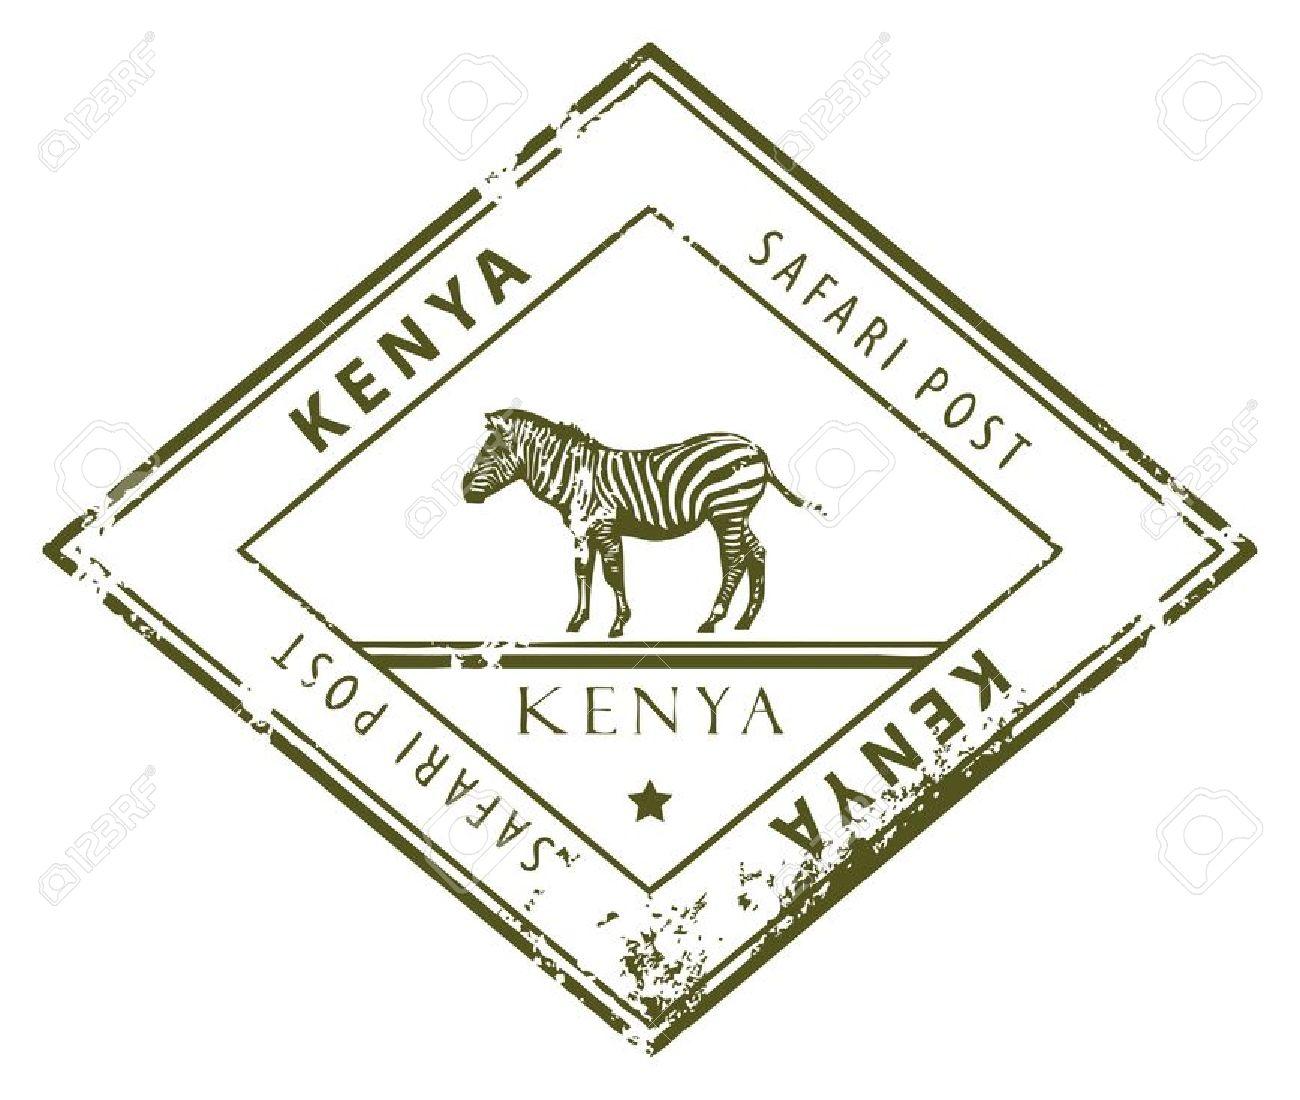 Kenia clipart #5, Download drawings